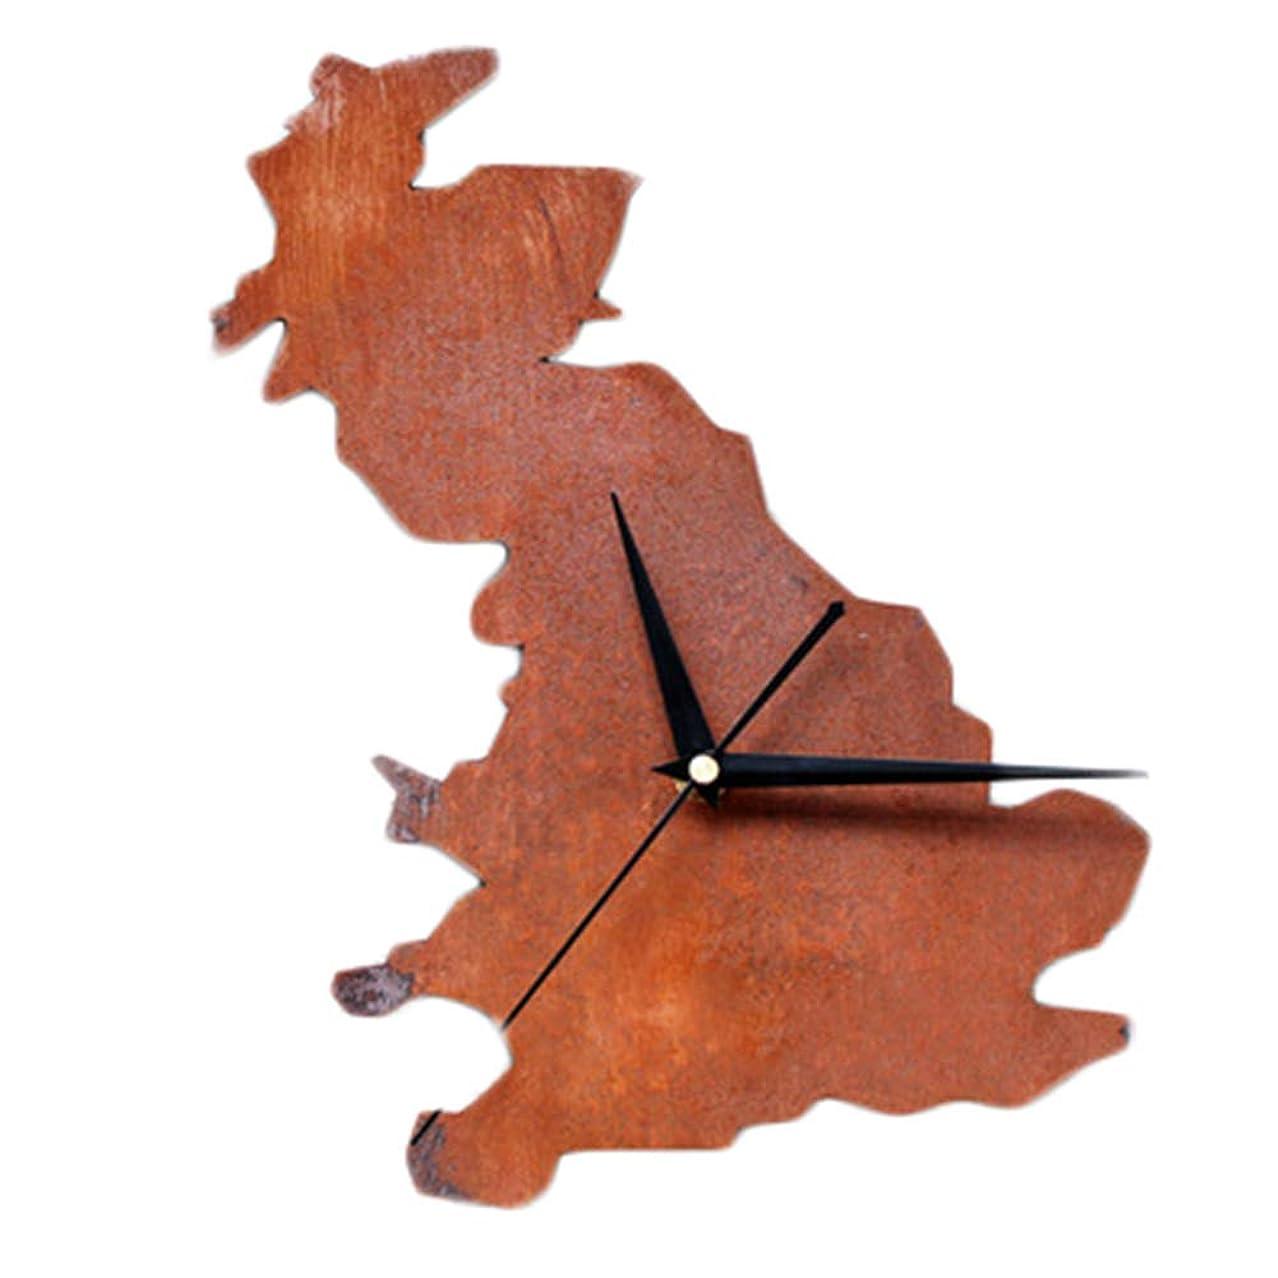 割り当てます瞬時に記憶に残る都市地図壁掛け時計、ヴィンテージ古い/創造的な滑り止めデザイン/アクリル素材/環境/カチカチ音をたてないクリスマスは家族を友達に送る